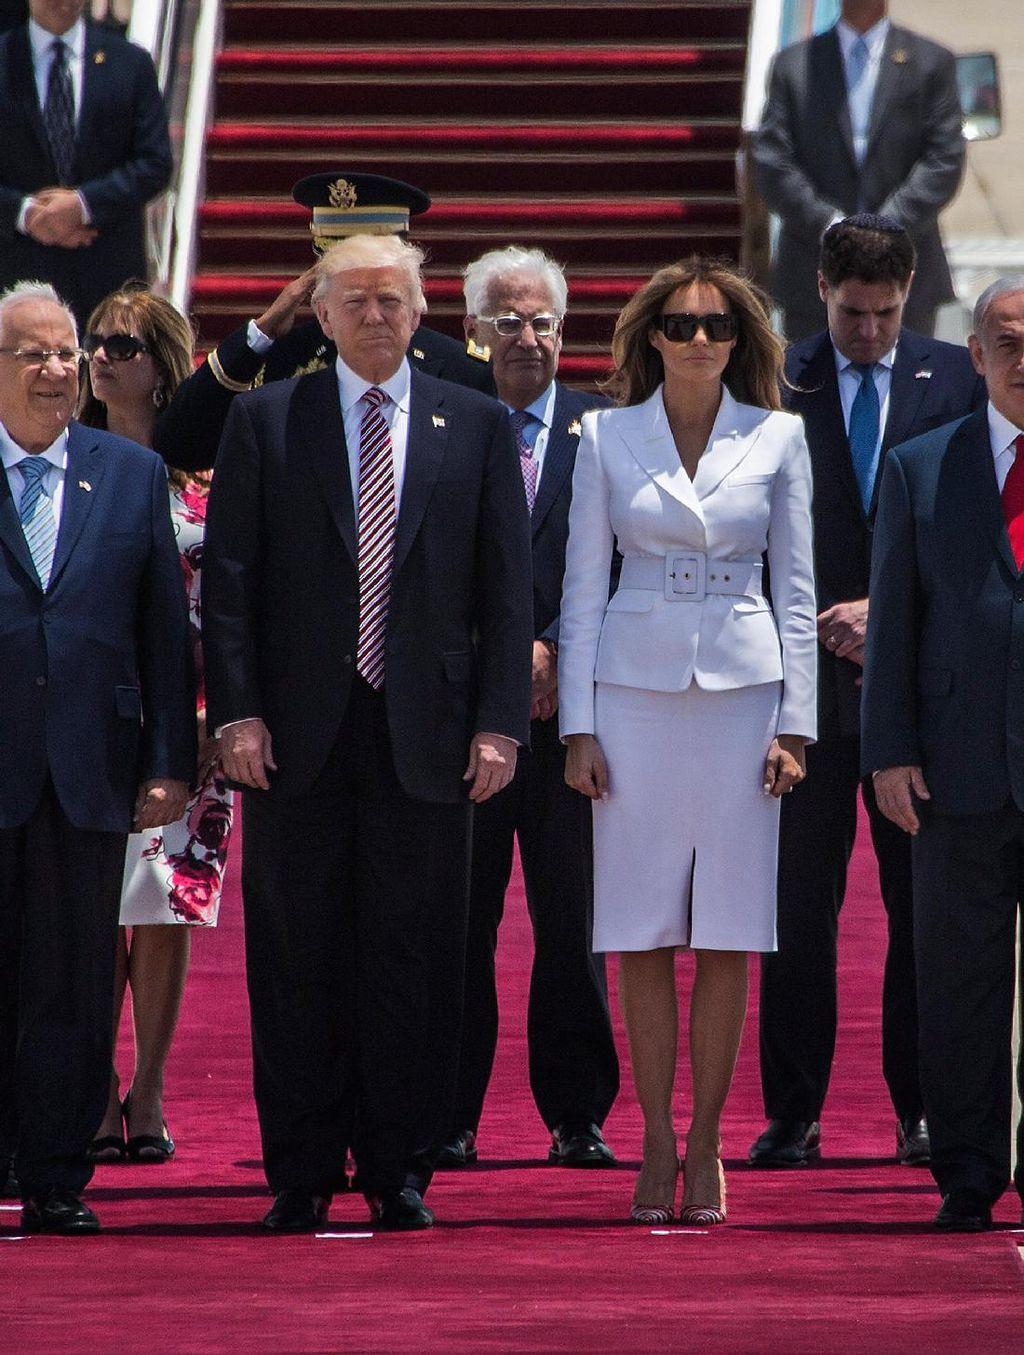 Sambangi Israel, Melania Trump Modis Berbusana Michael Kors